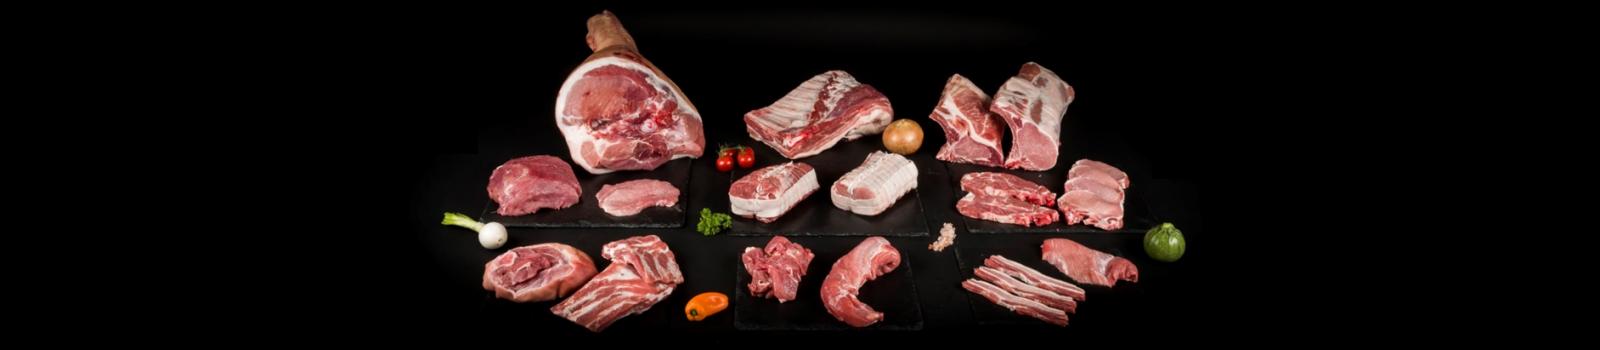 Viande de porc IGP du Sud-Ouest - Viandes du Sud Toulousain